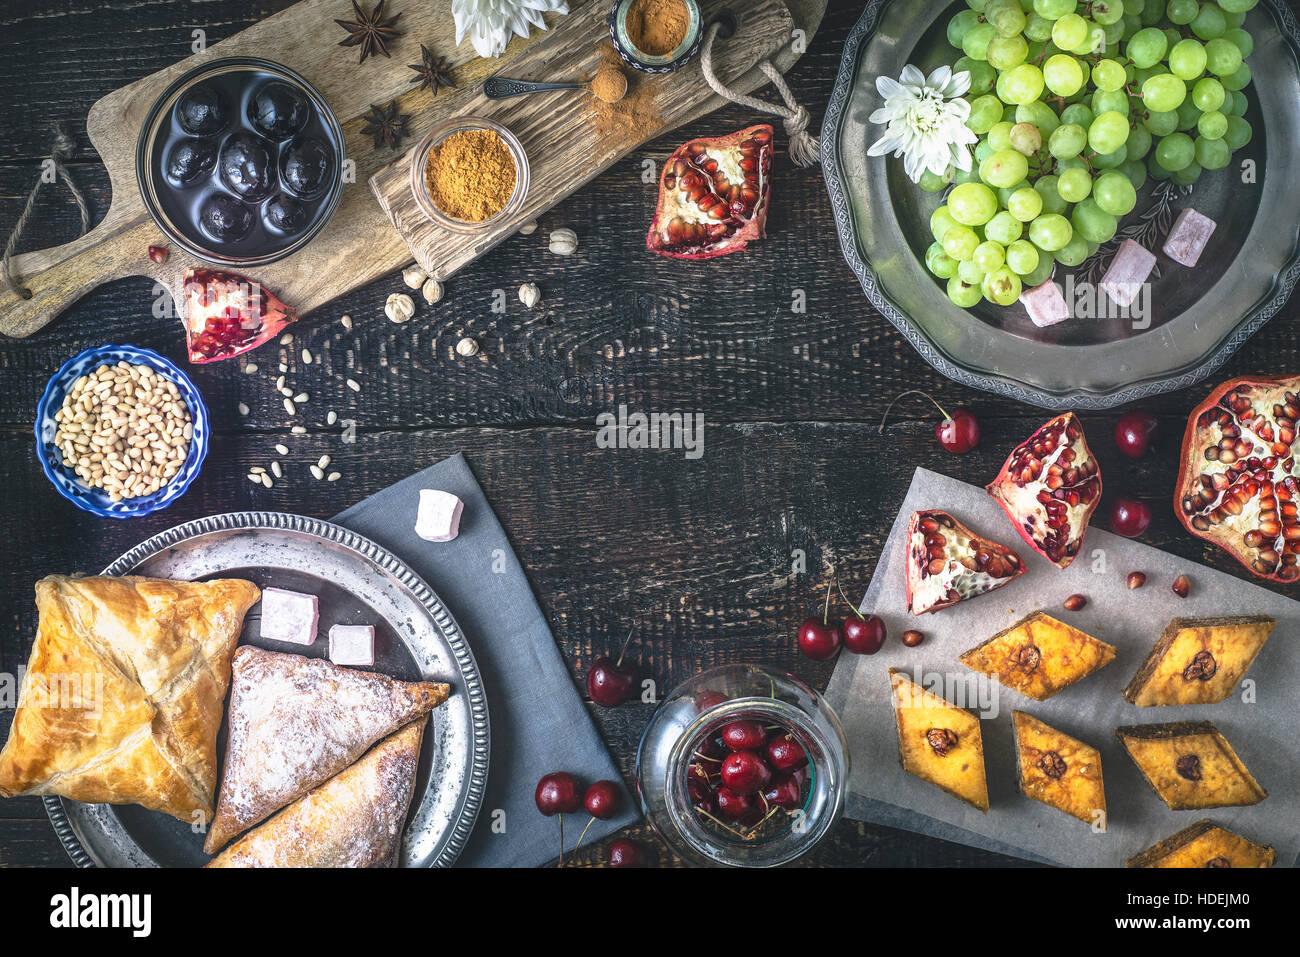 Verschiedene Süßigkeiten auf dem Holztisch. Konzept der orientalischen Süßspeisen Draufsicht Stockbild